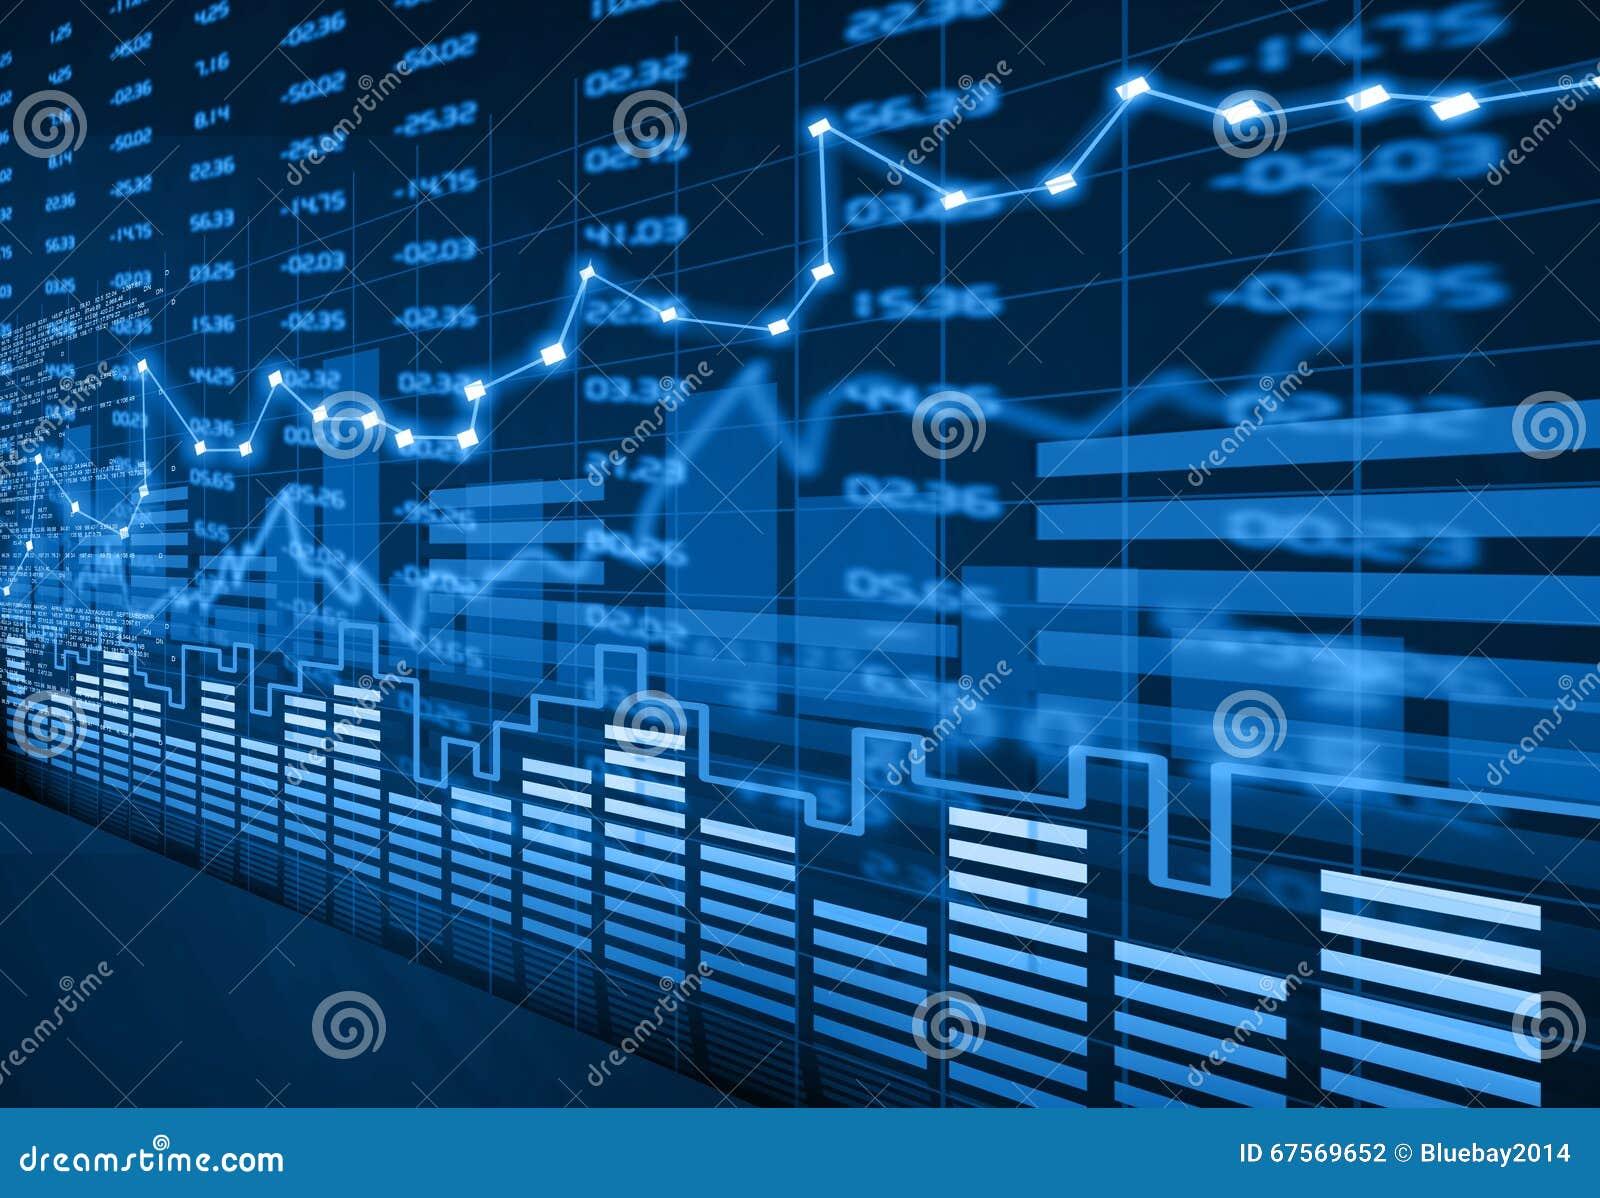 Диаграмма фондовой биржи